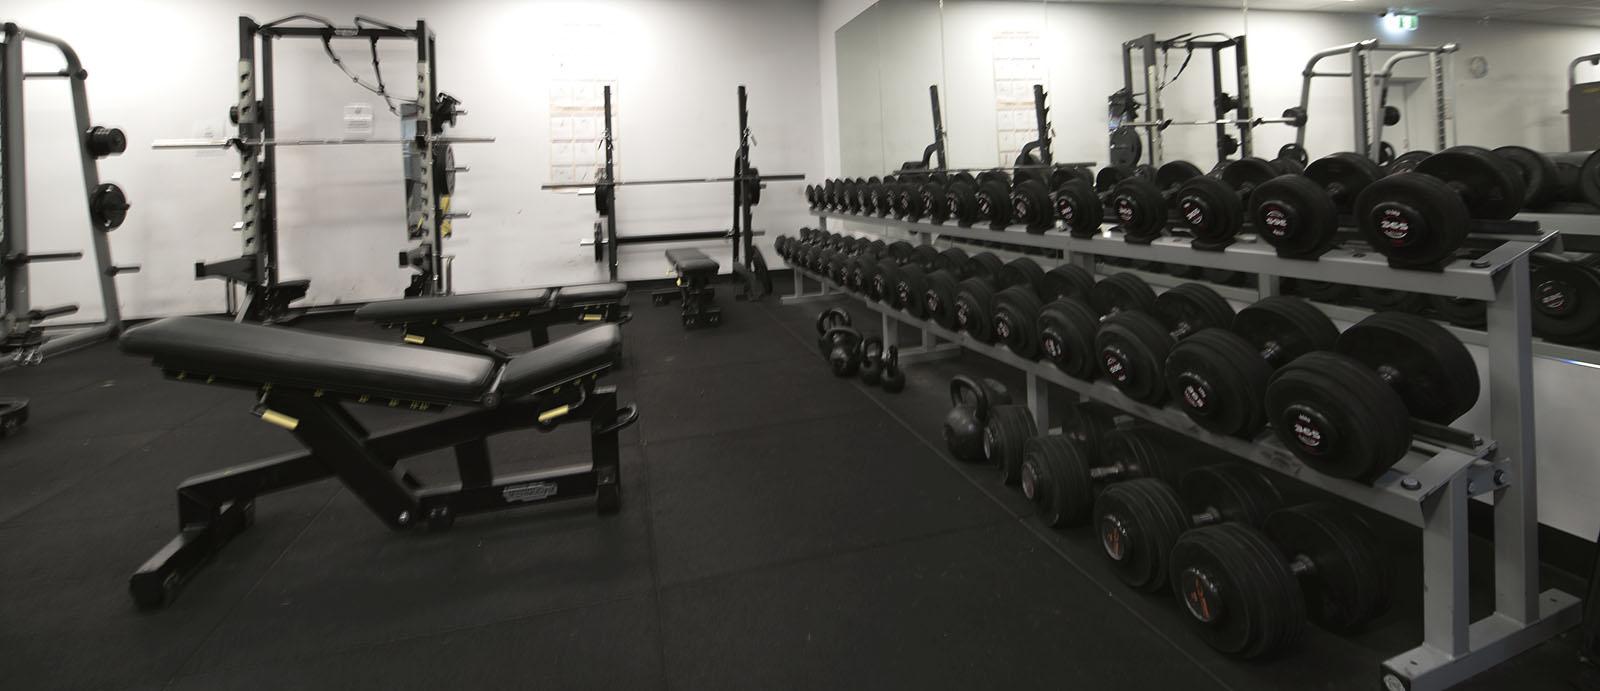 365 Fitness Gym Bray Park